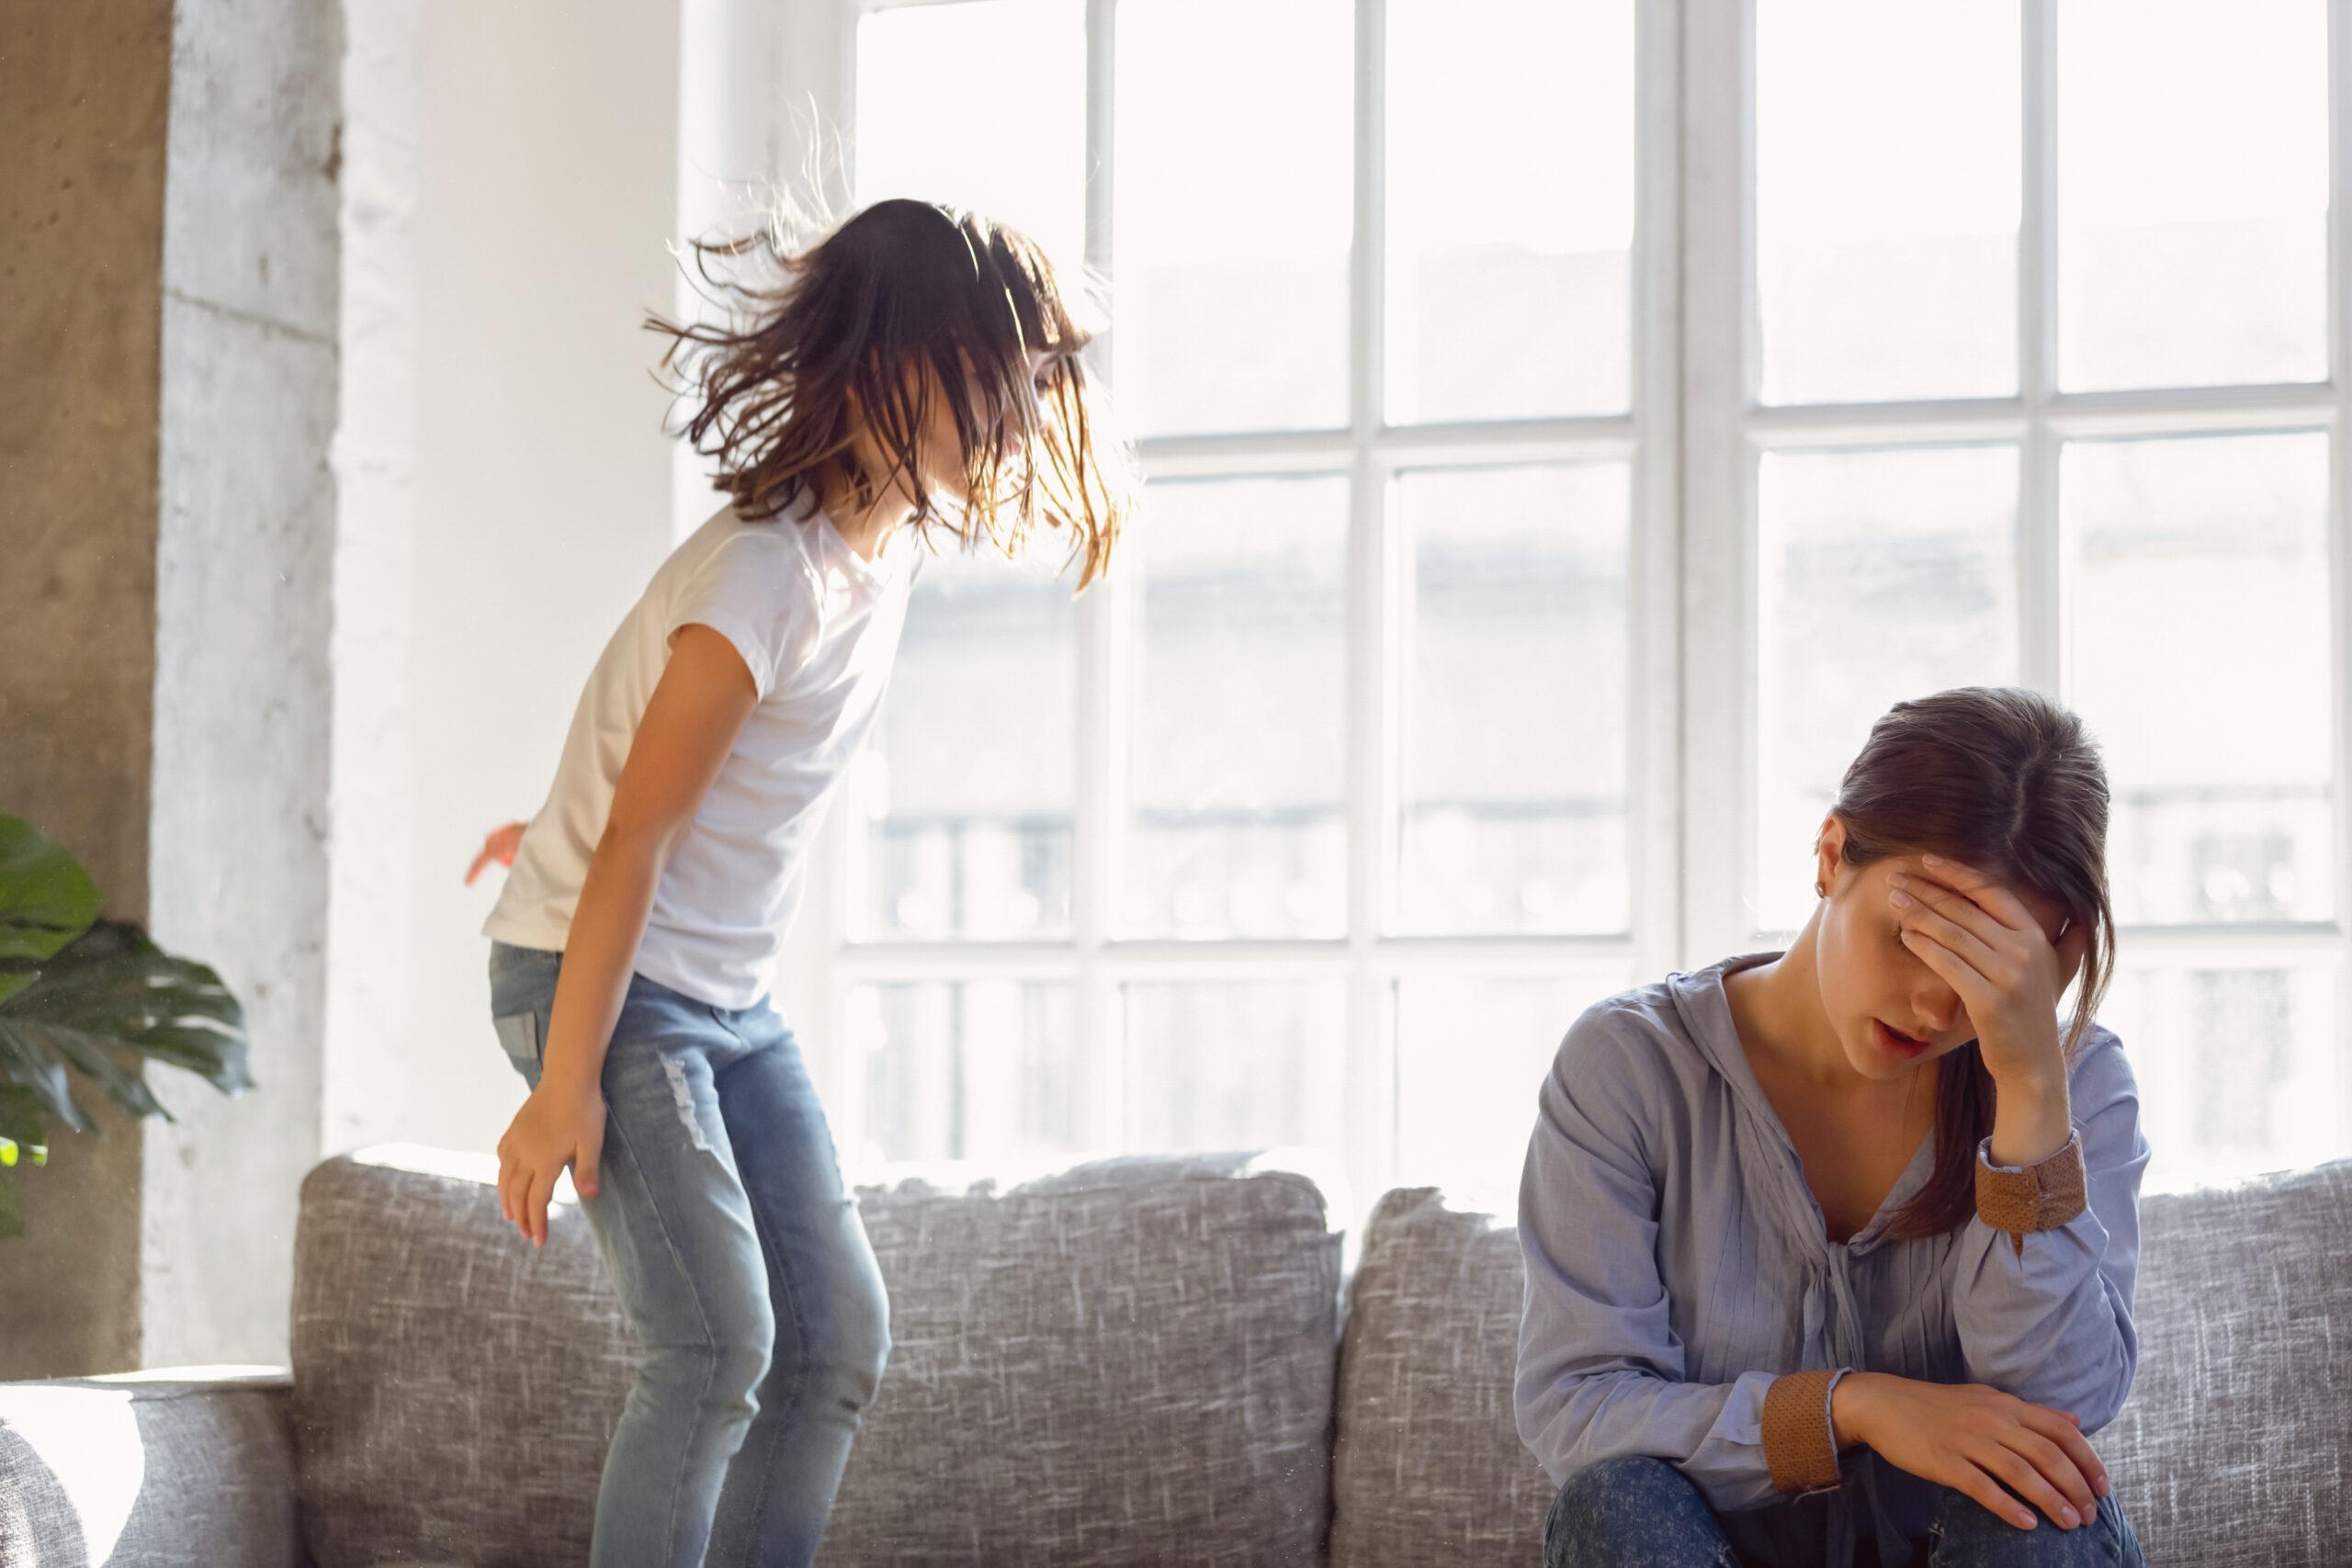 Στρες και καθημερινότητα: 4 τρόποι για μια πιο αποτελεσματική διαχείριση